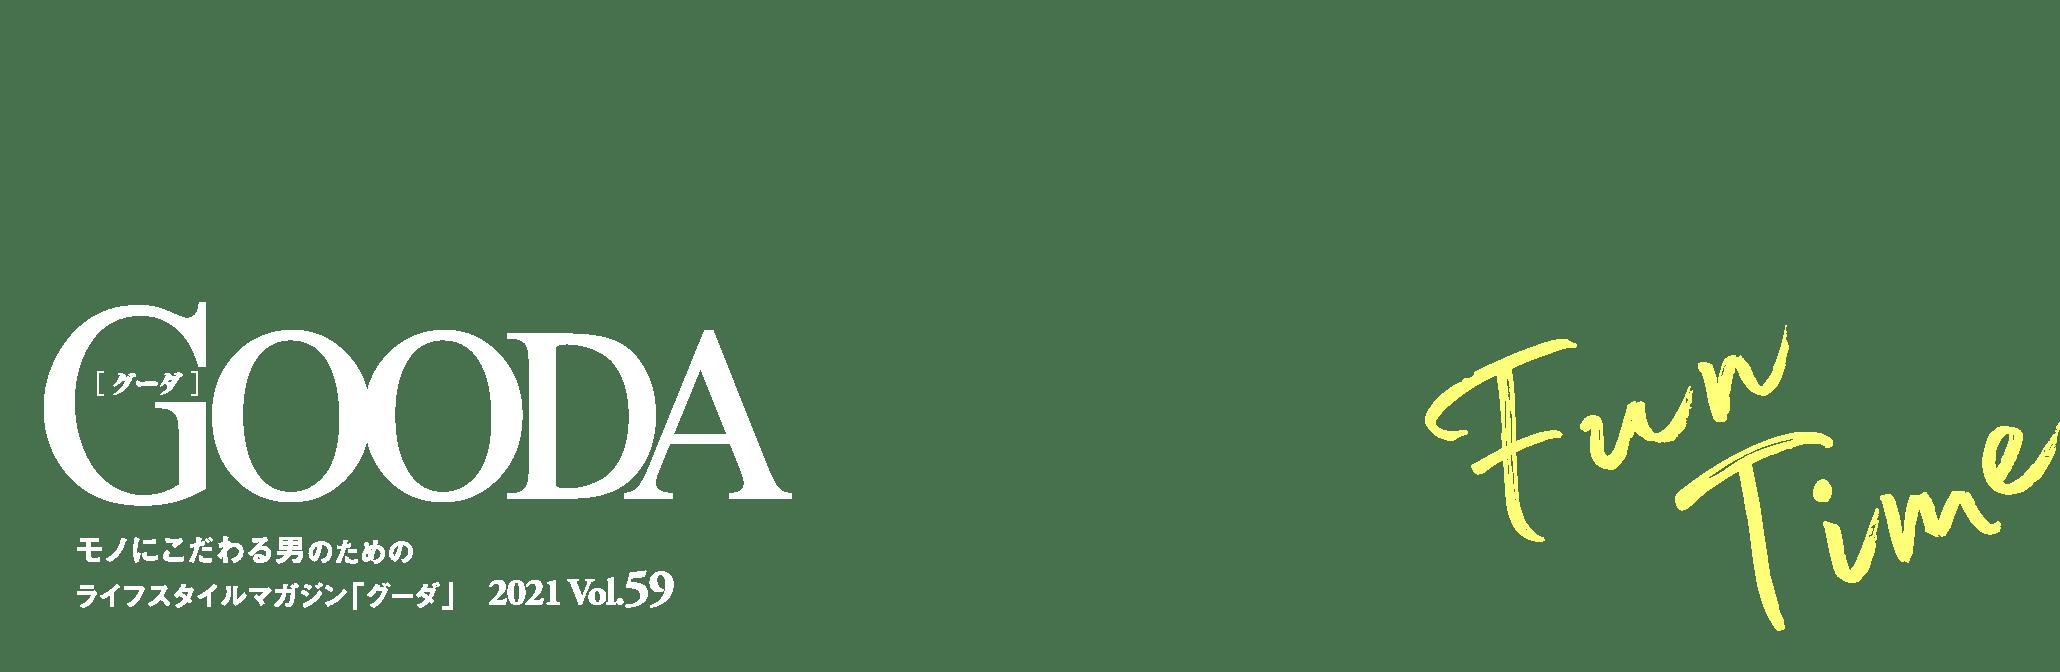 モノにこだわる男のためのライフスタイルマガジン「グーダ」 2021 vol.59